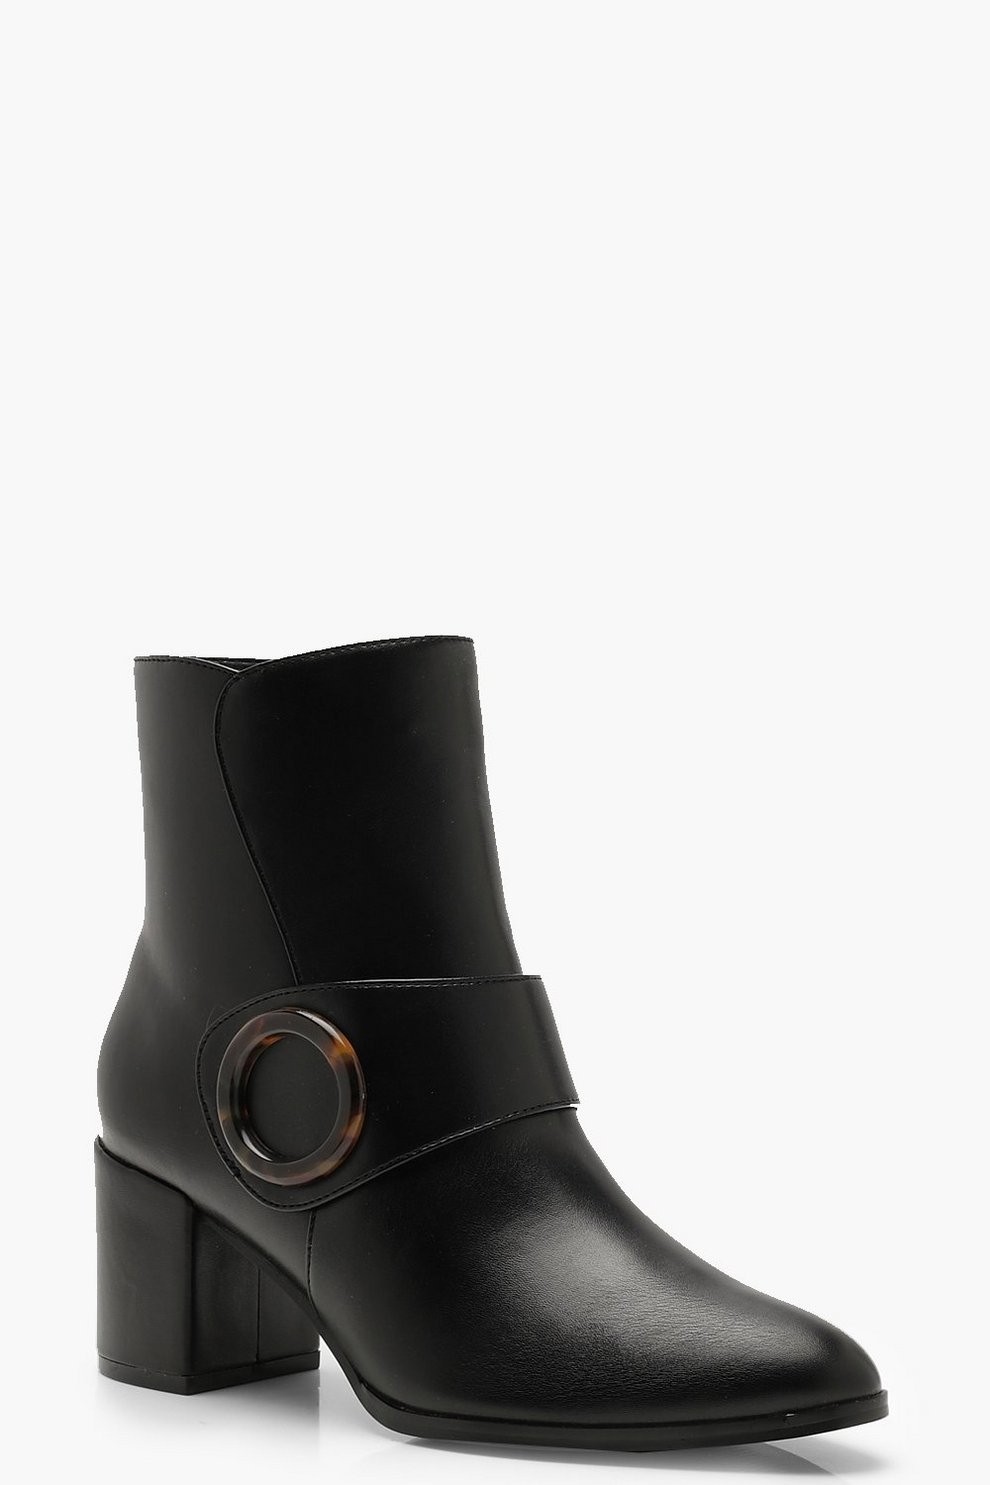 Chaussures Pieds De TortueBoohoo Bottes Larges Écaille PZkXiOu